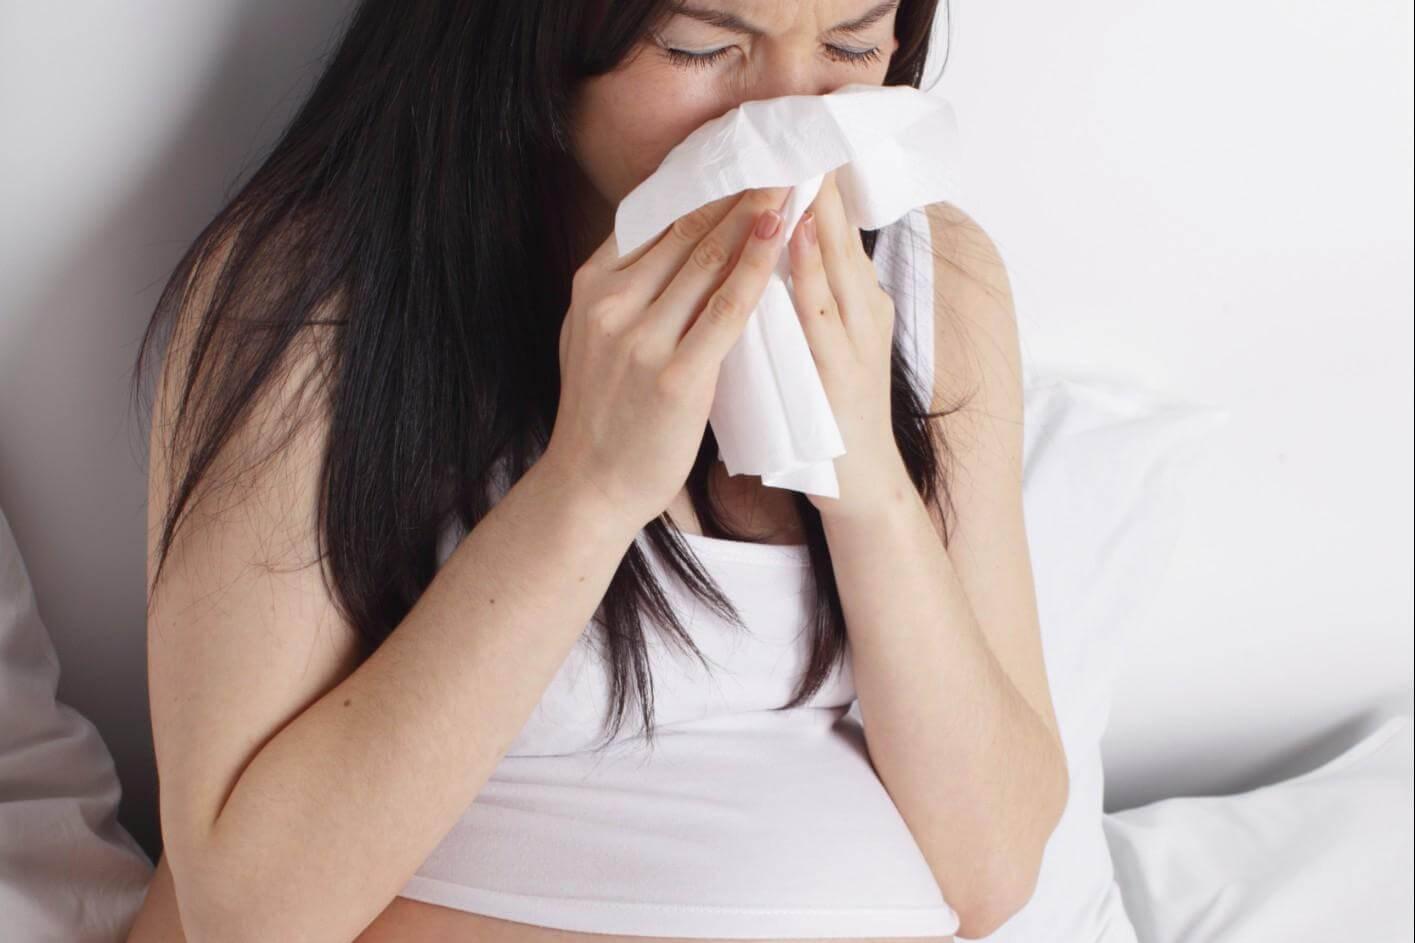 Заболевание чесотка при беременности: причины, симптомы, как лечить